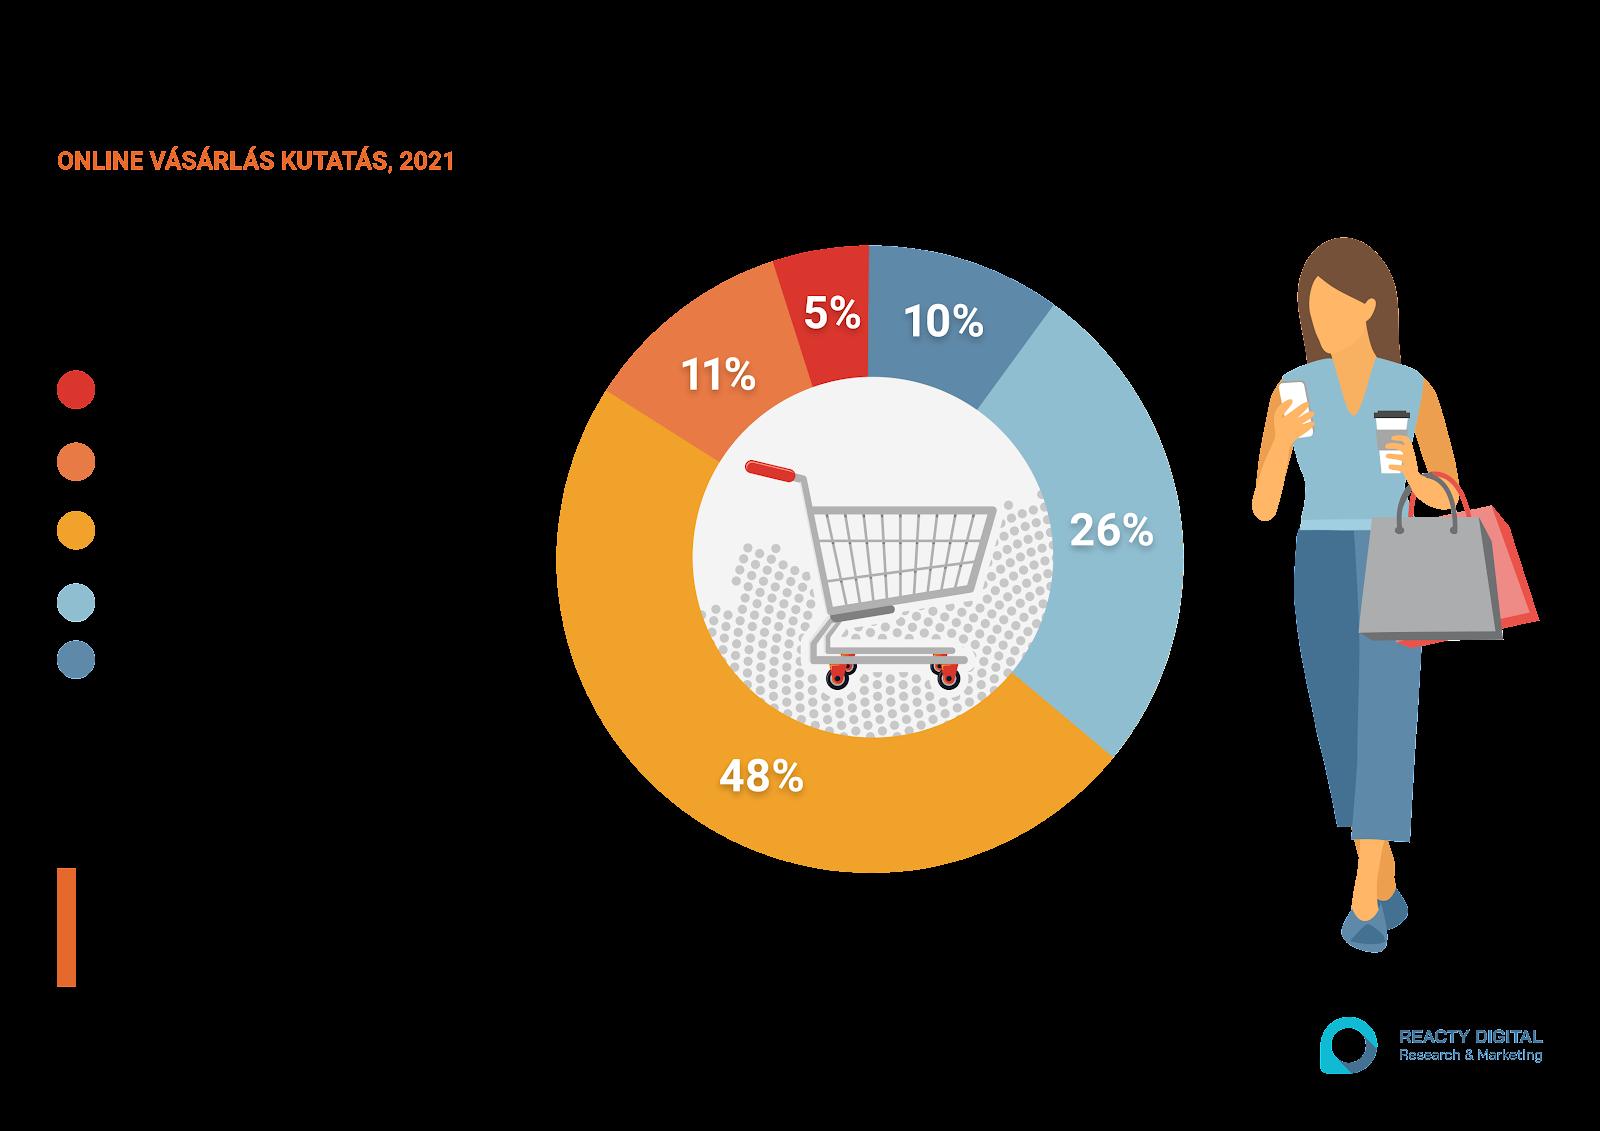 Hogyan fogunk vásárolni a járvány után? - online vásárlás kutatás eredményei